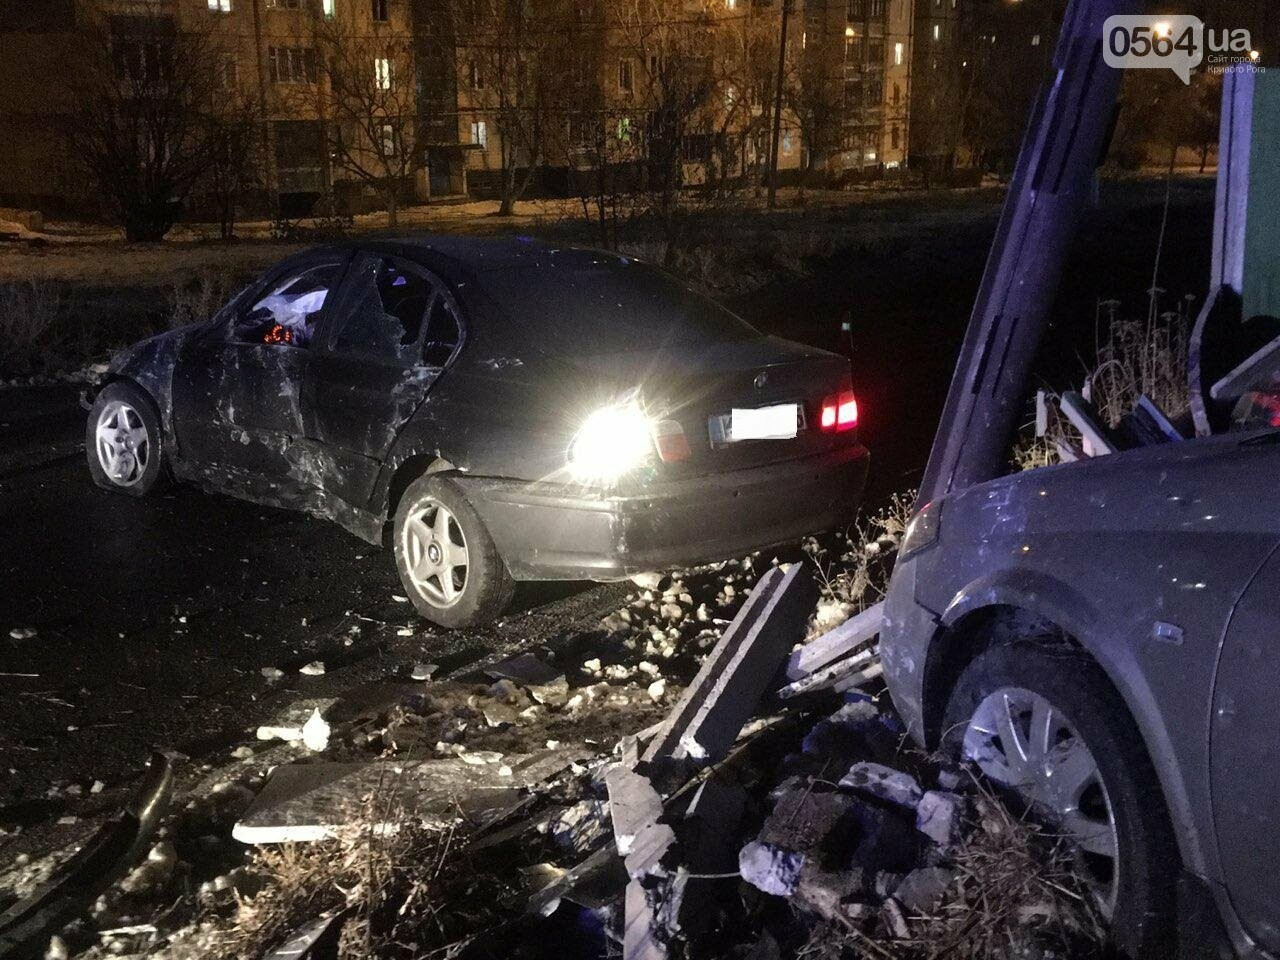 """В Кривом Роге """"BMW"""" снес забор стоянки: повреждено около 10 машин, есть пострадавший, - ФОТО , фото-1"""